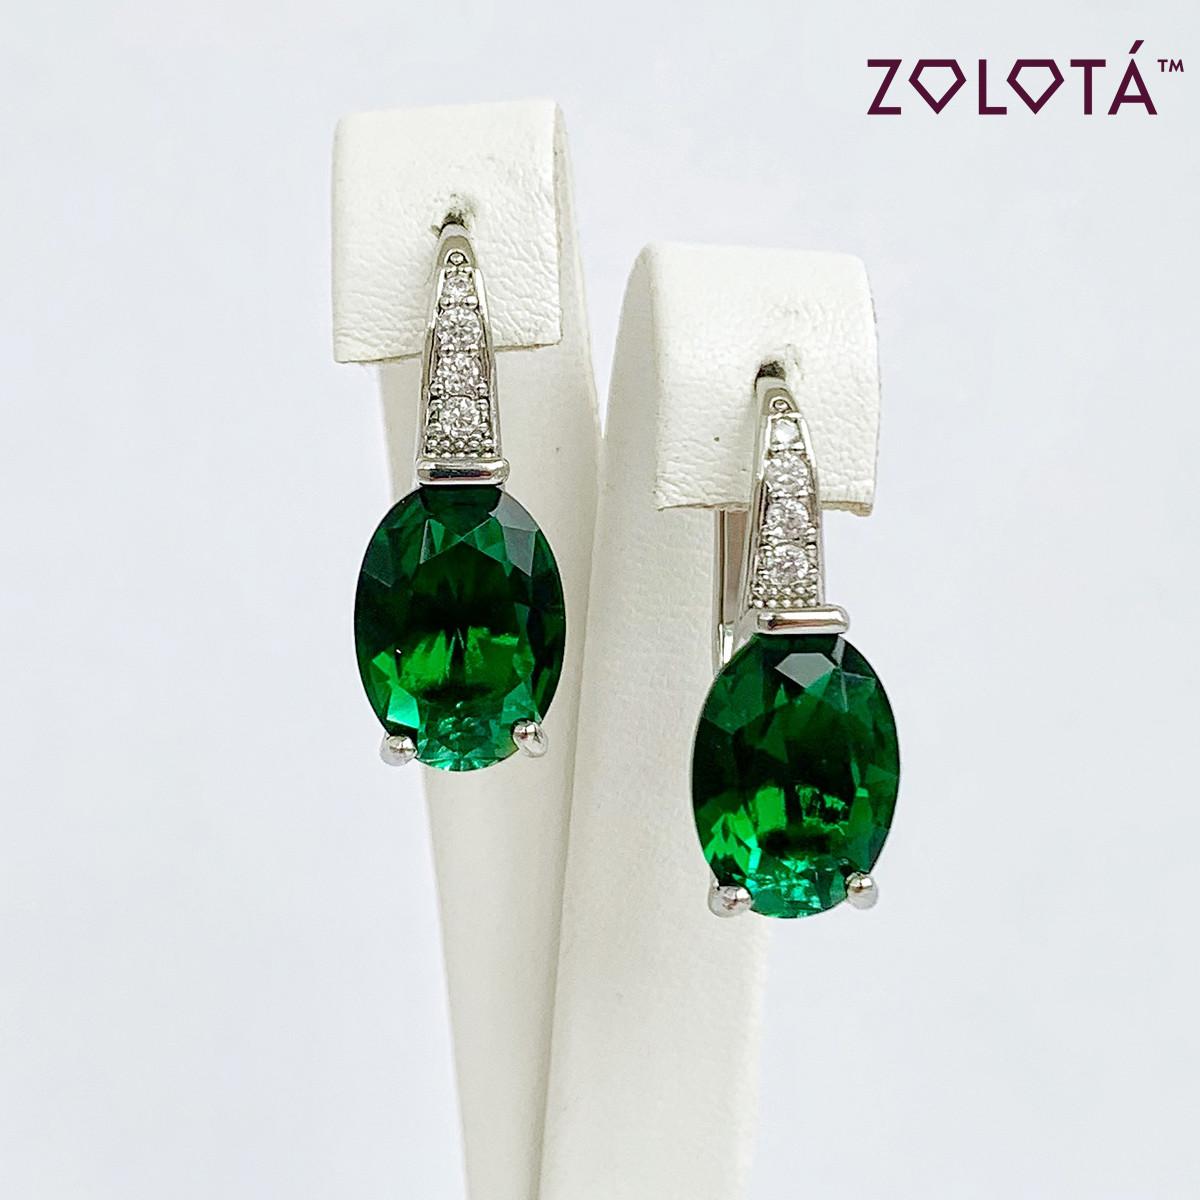 Серьги Zolota, размер 25х11 мм, зеленые и белые фианиты (куб. цирконий), вес 4 г, родий, ЗЛ01543 (1)